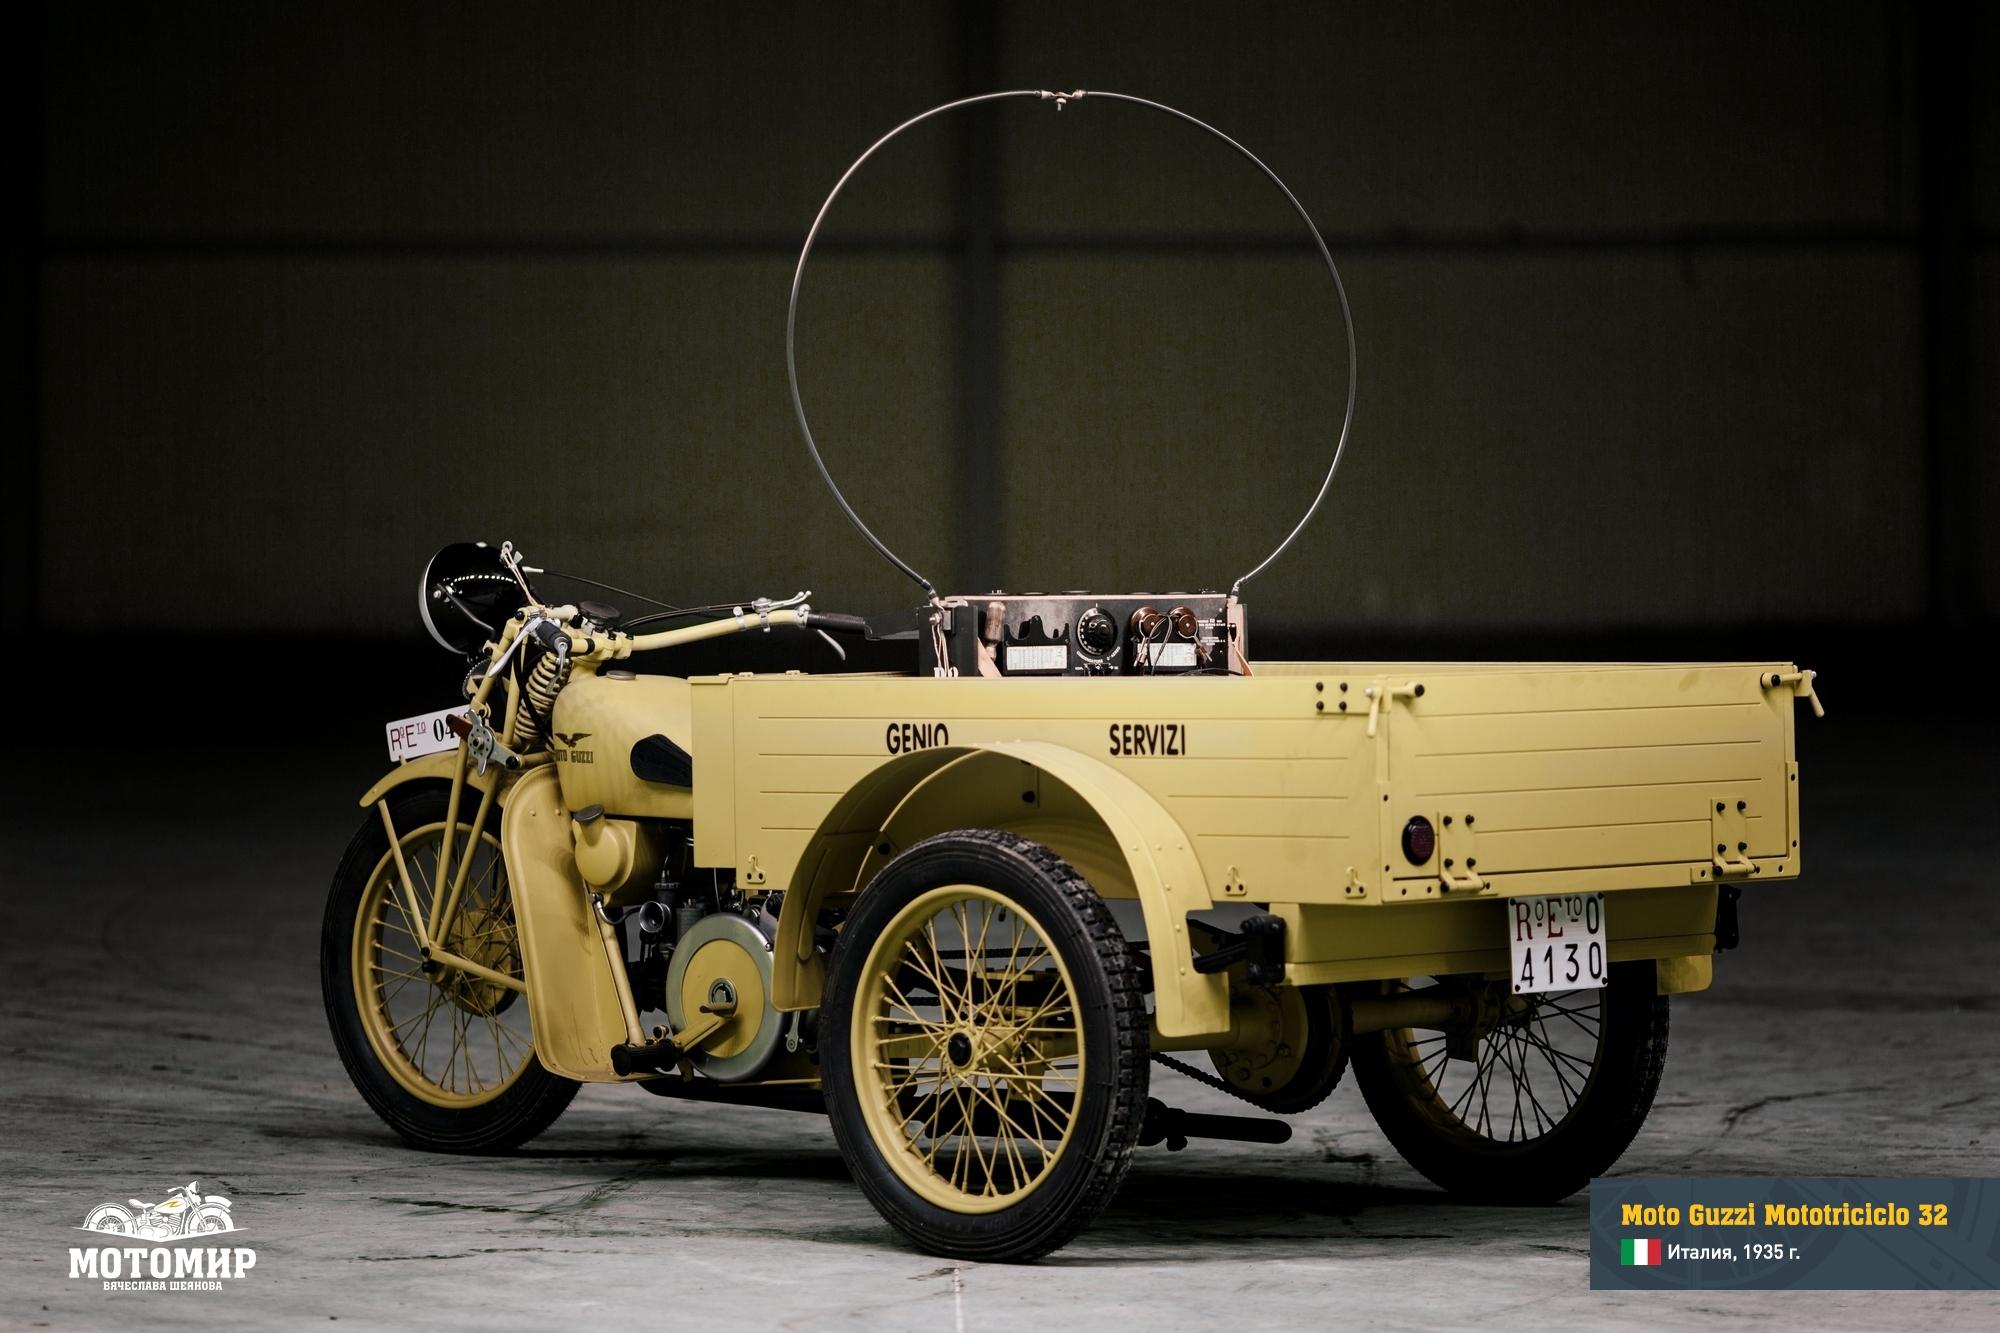 moto-guzzi-mototriciclo-32-web-09